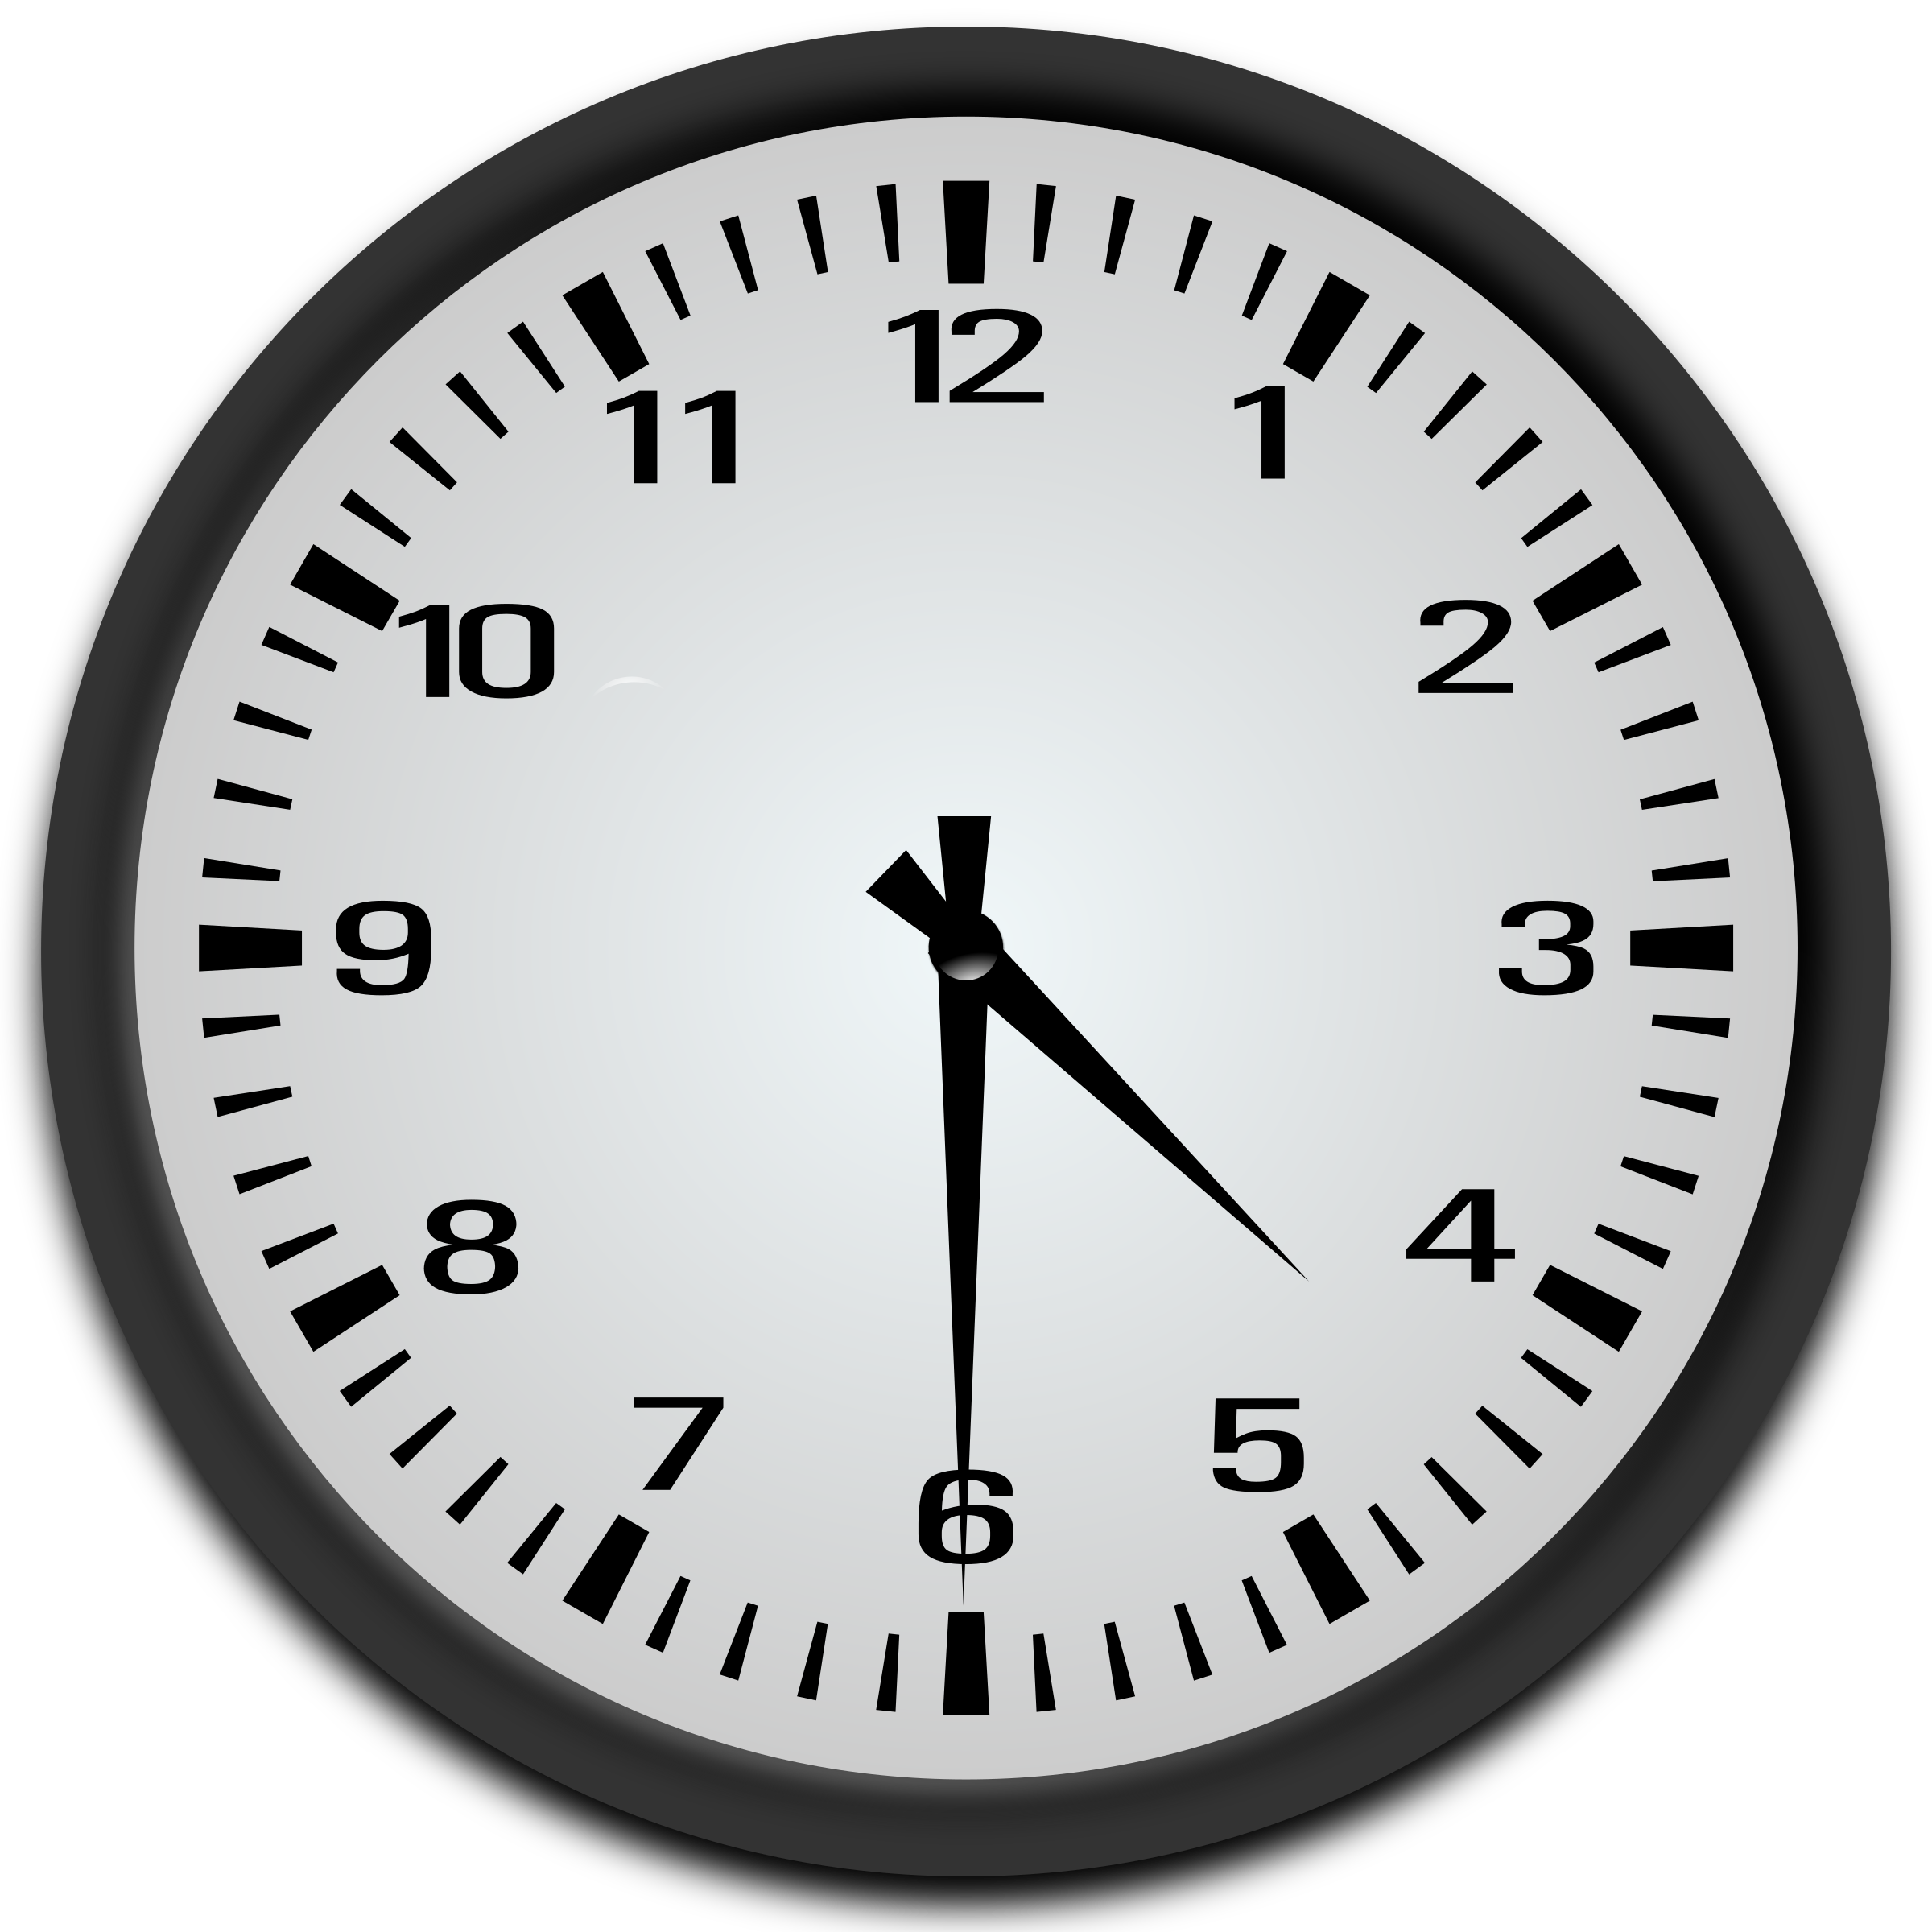 4 30 Clock Clipart.